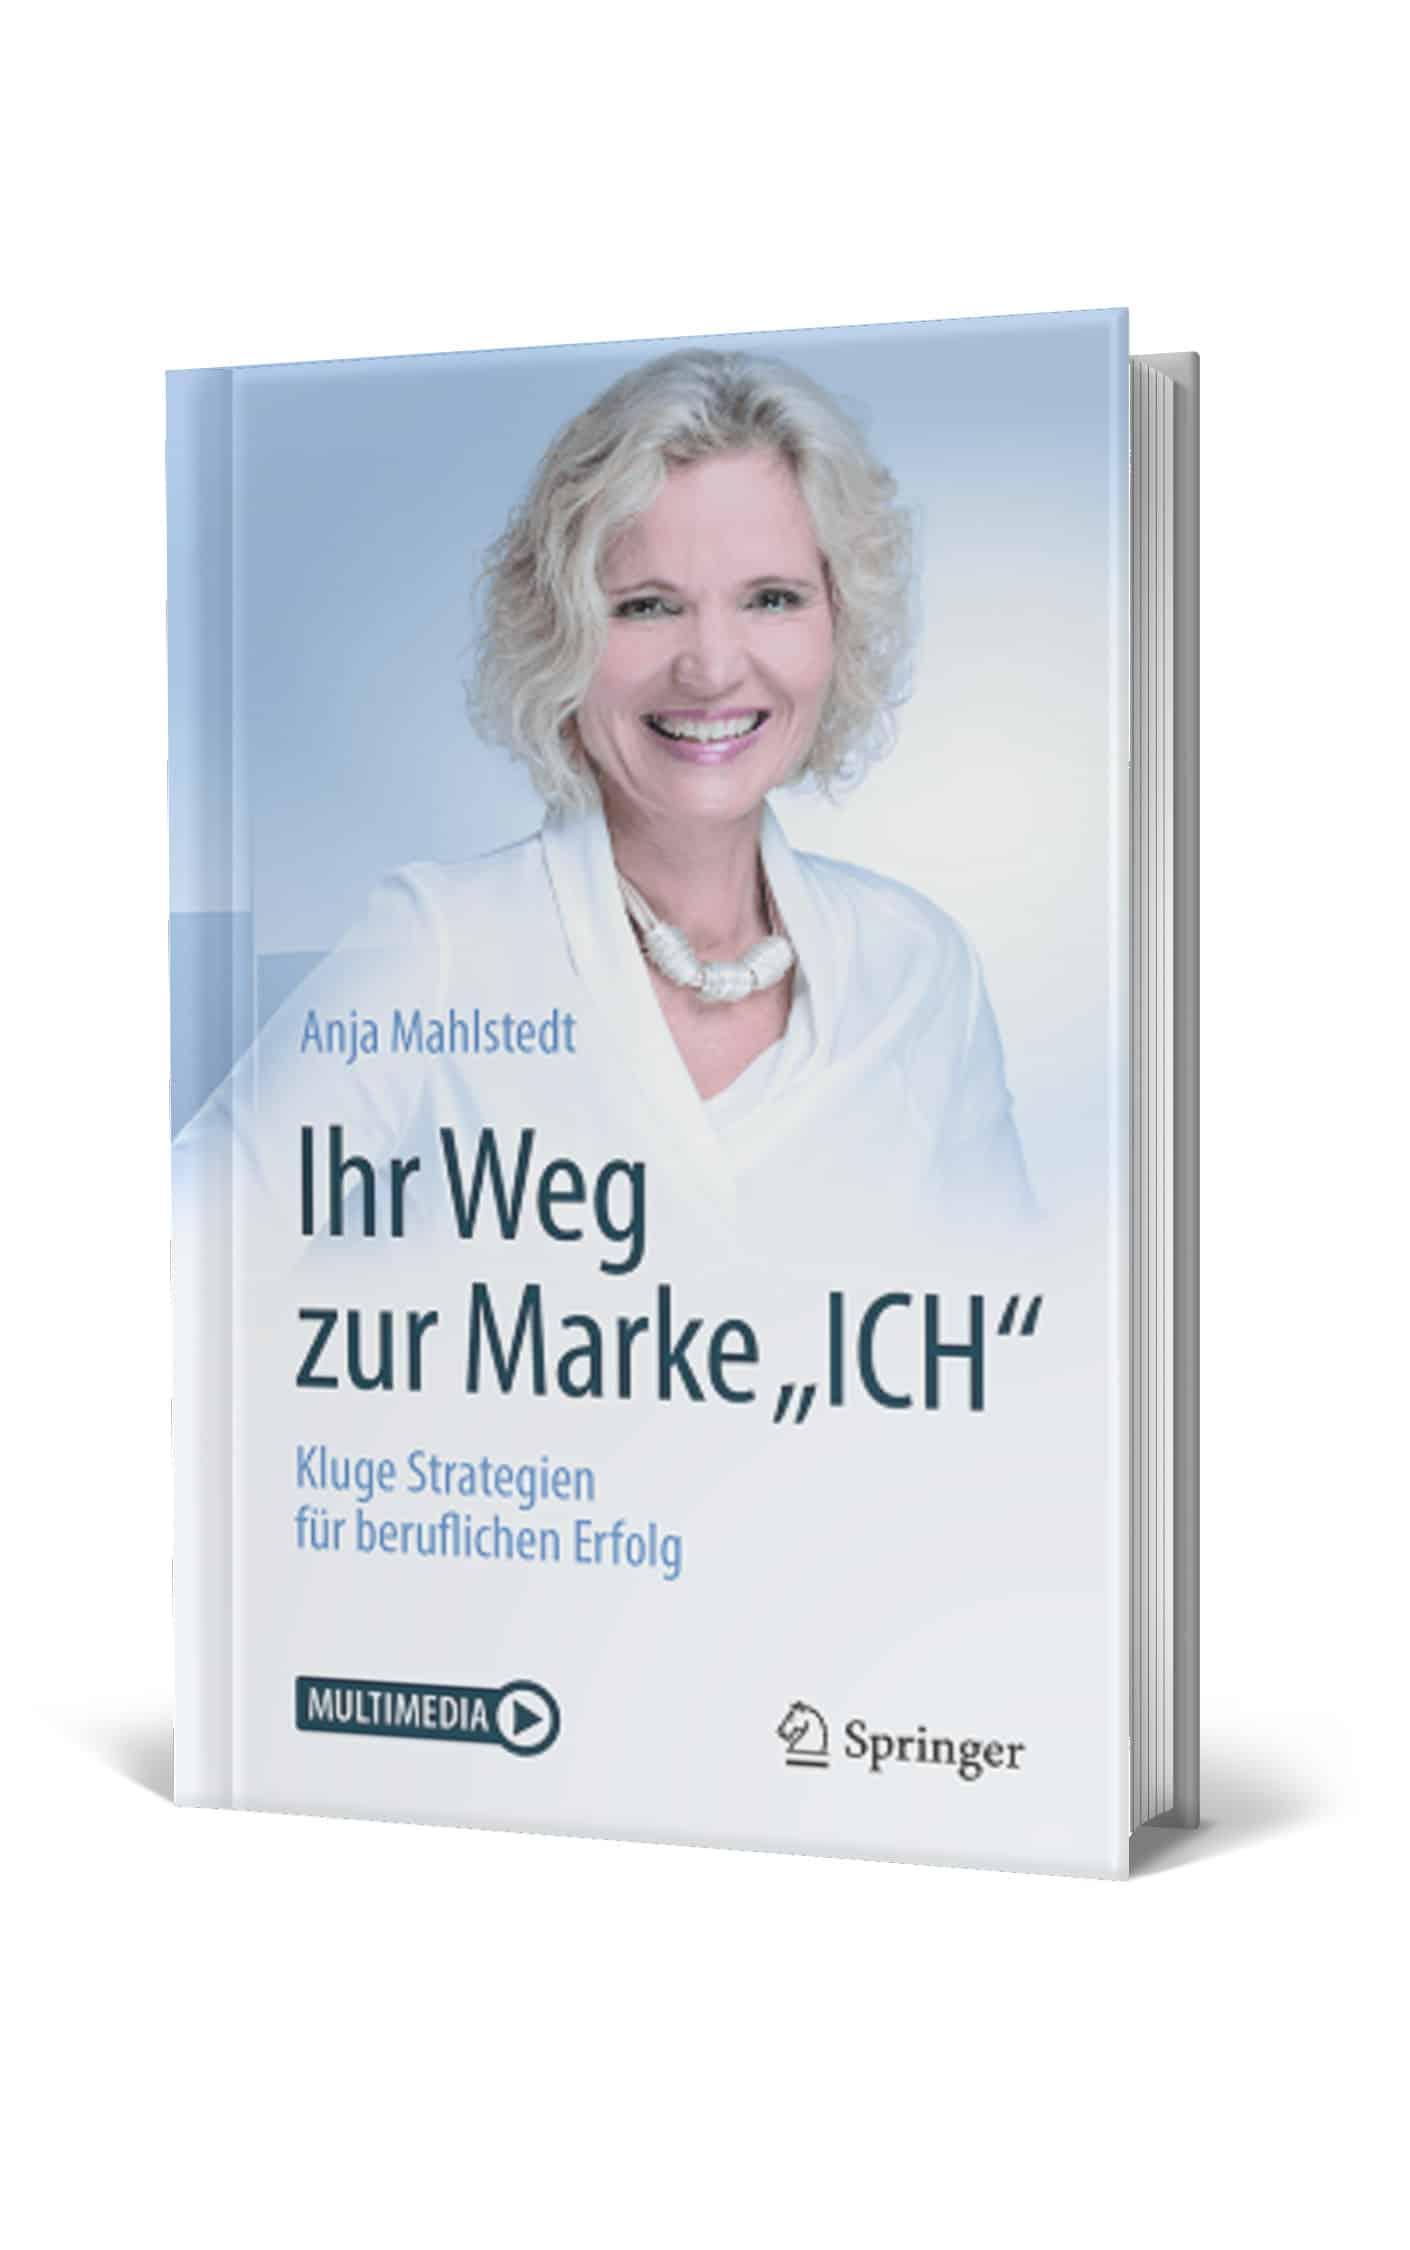 Buch Ihr Weg zur Marke ICH von Anja Mahlstedt